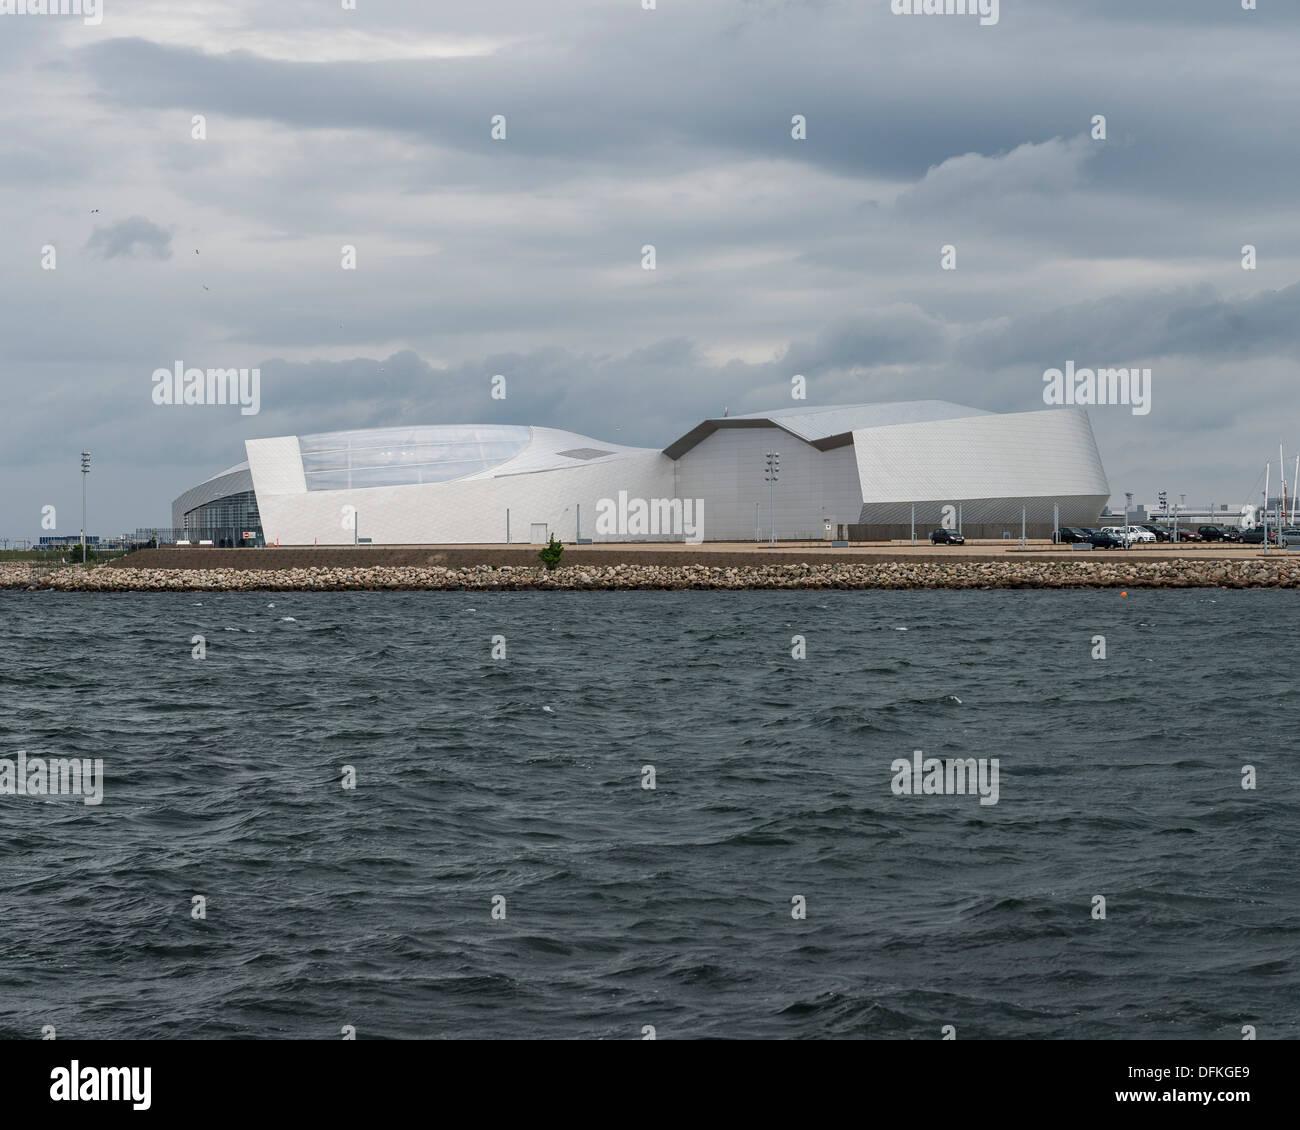 Den Blå Planet (The Blue Planet, Denmarks National Aquarium), Copenhagen, Denmark. Architect: 3Xn, 2013. Stock Photo